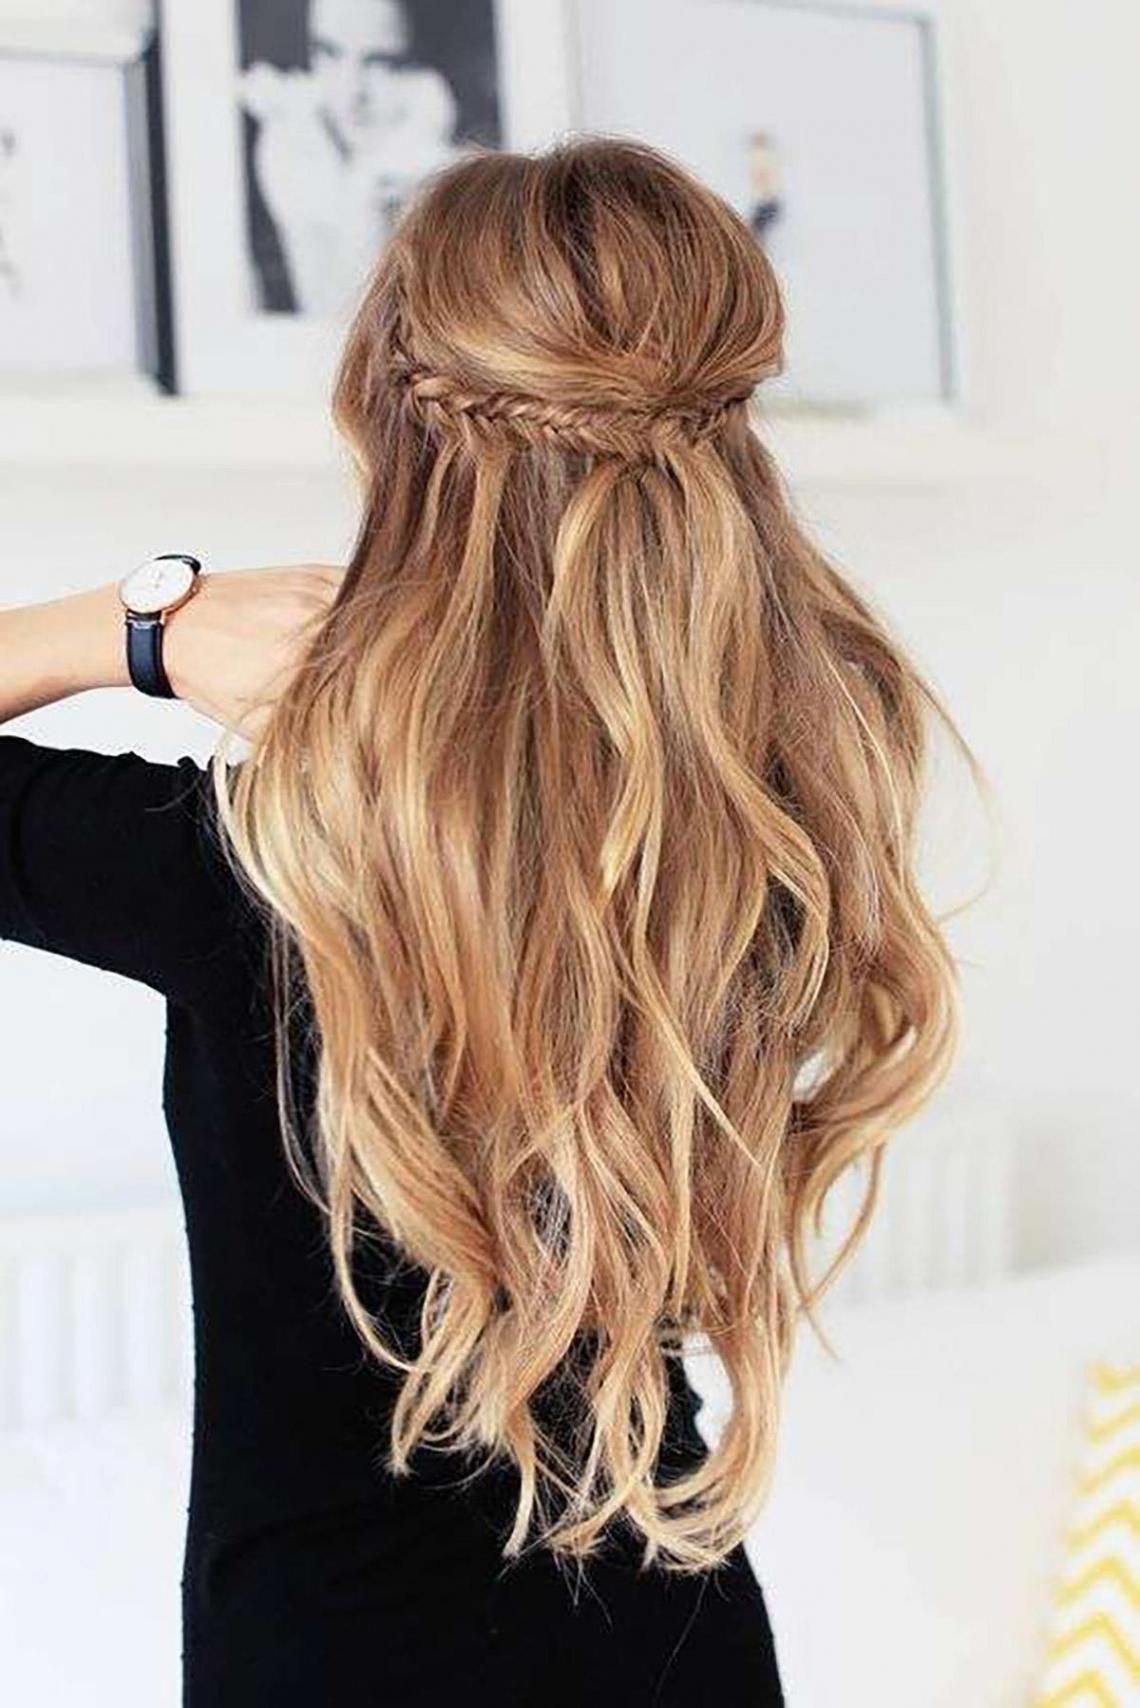 Peinado con tirabuzones sencillo